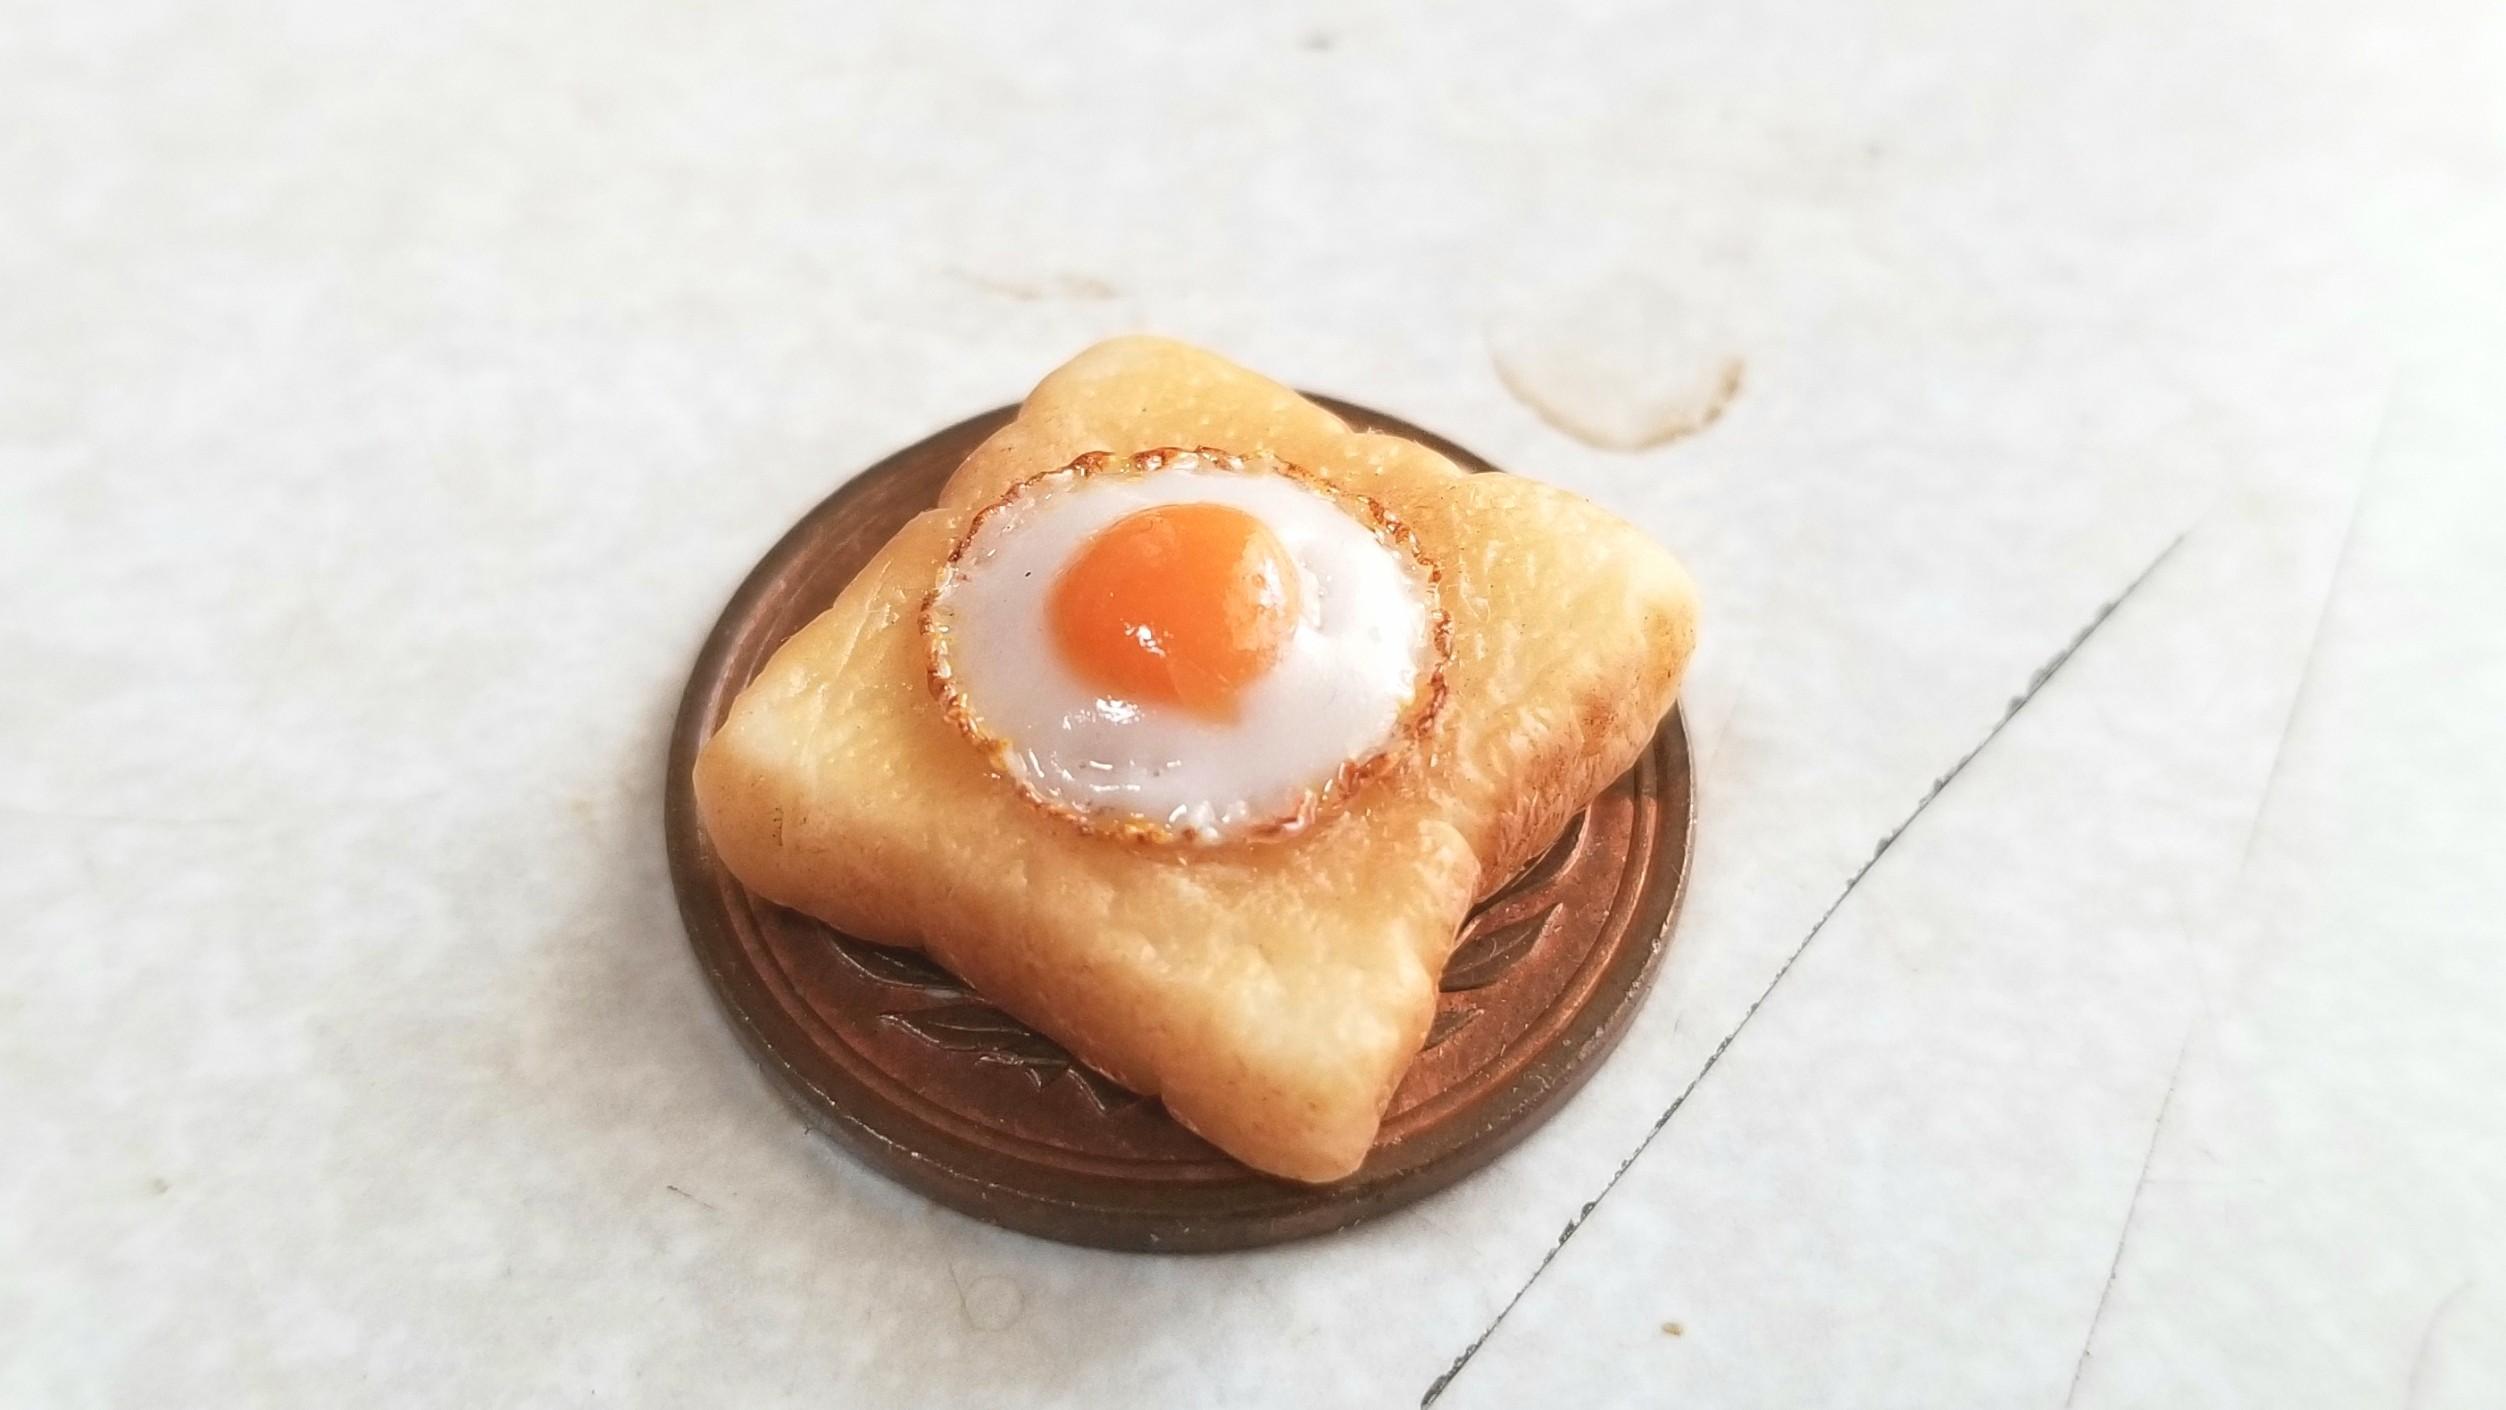 ミニチュアフードラピュタパン,トースト,樹脂粘土,ミンネ人気商品